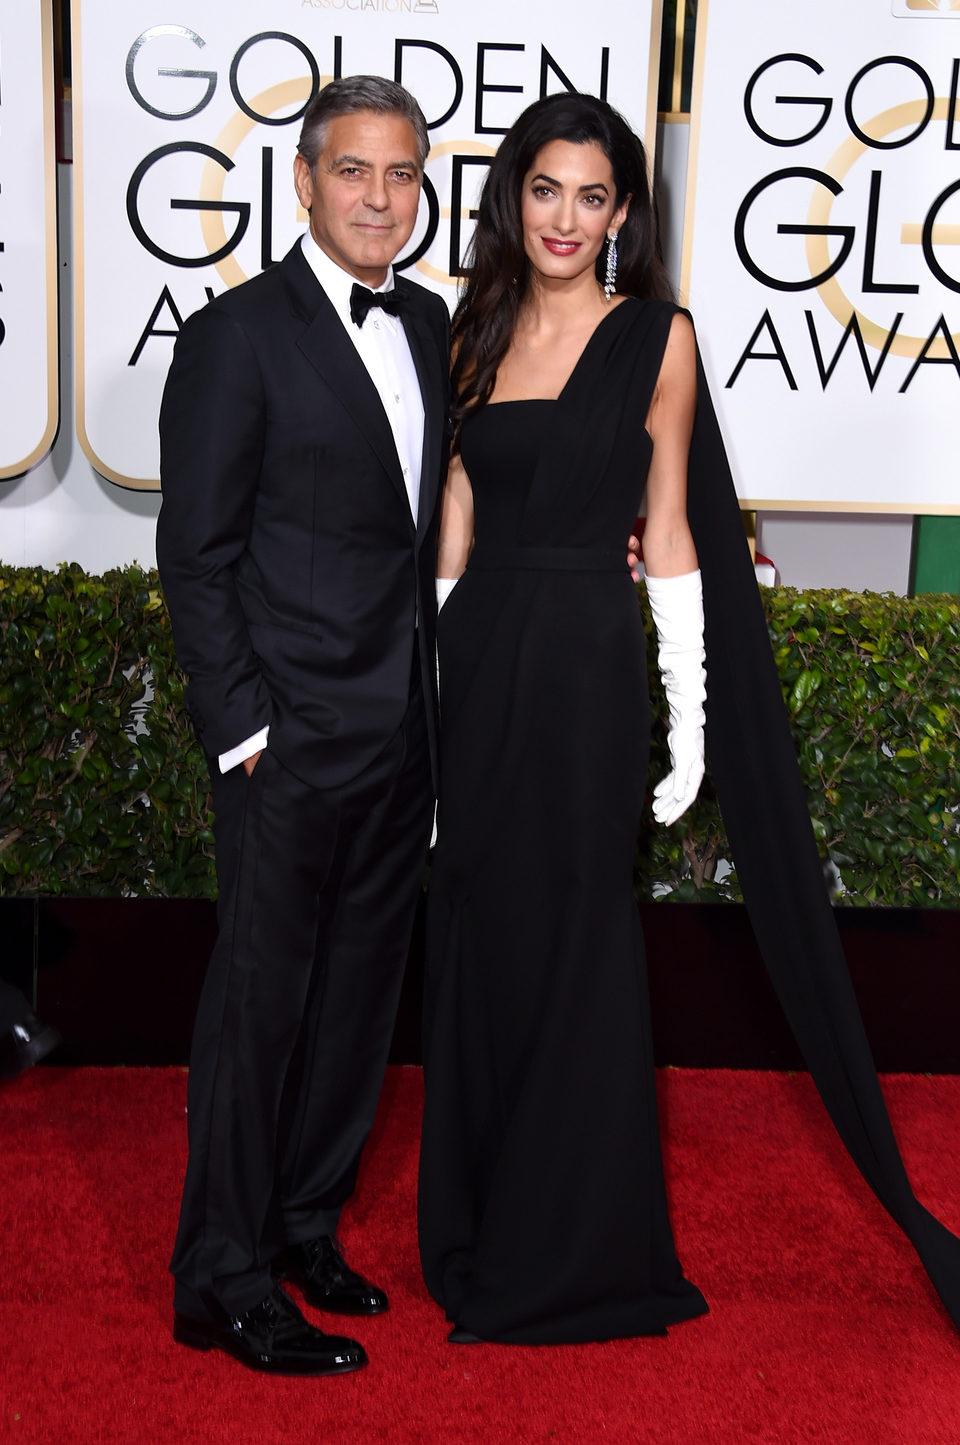 George Clooney y Amal Alamuddin en la alfombra roja de los Globos de Oro 2015